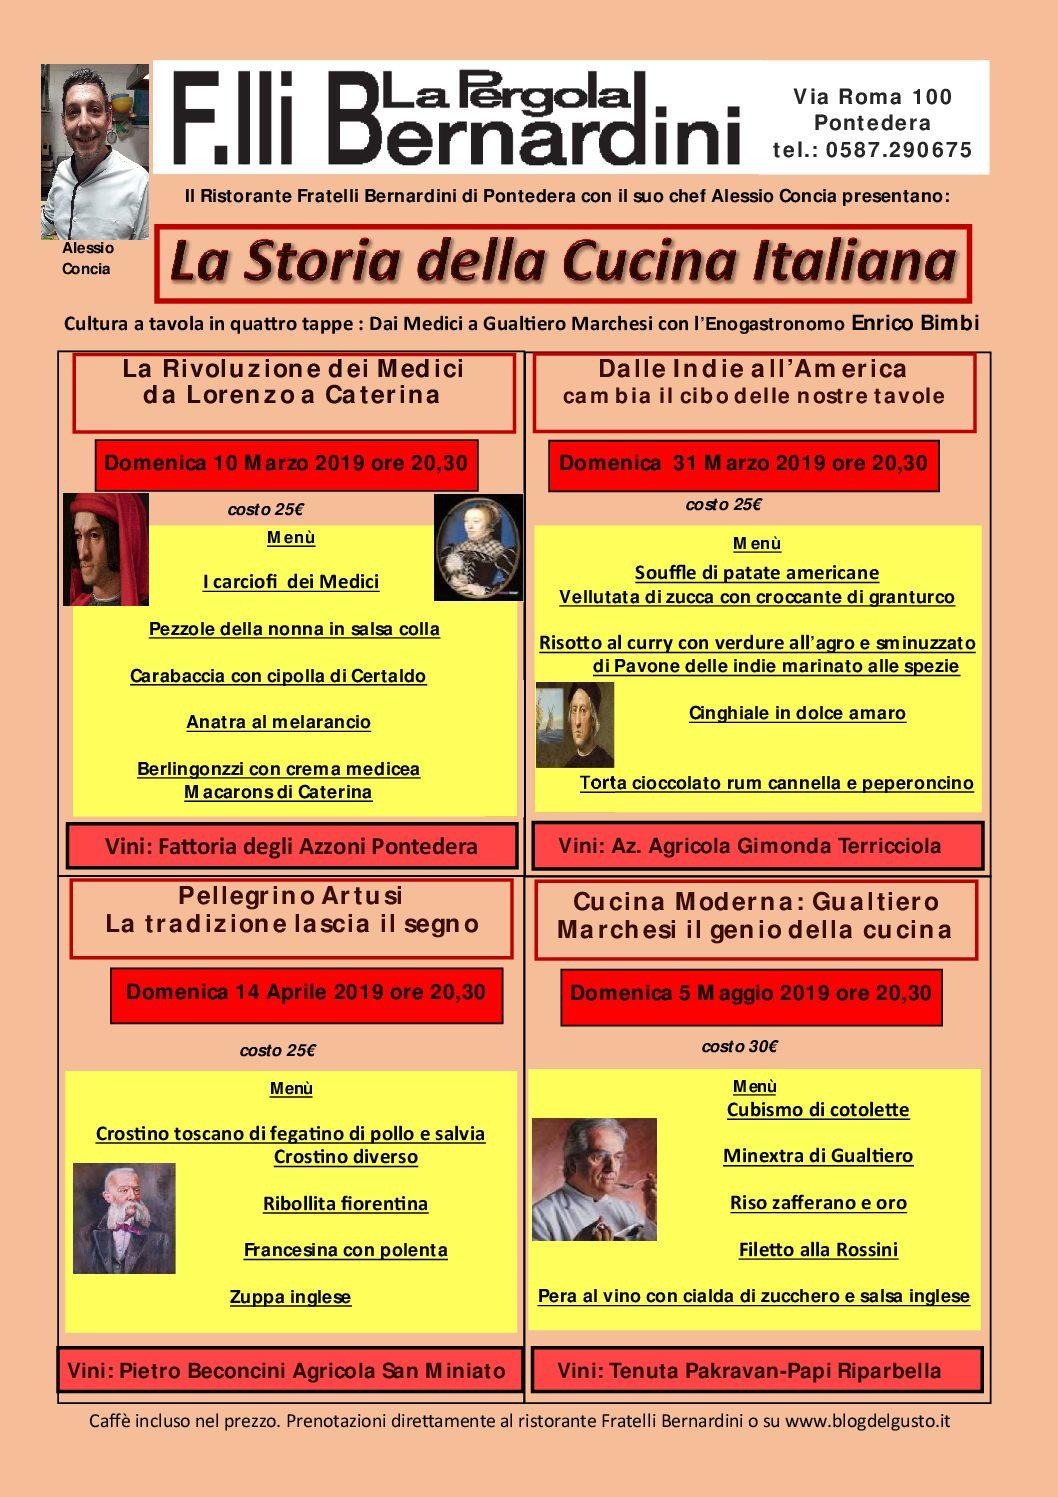 La Storia della Cucina Italiana. al via la fantastica rassegna low cost dai Fratelli Bernardini di Pontedera